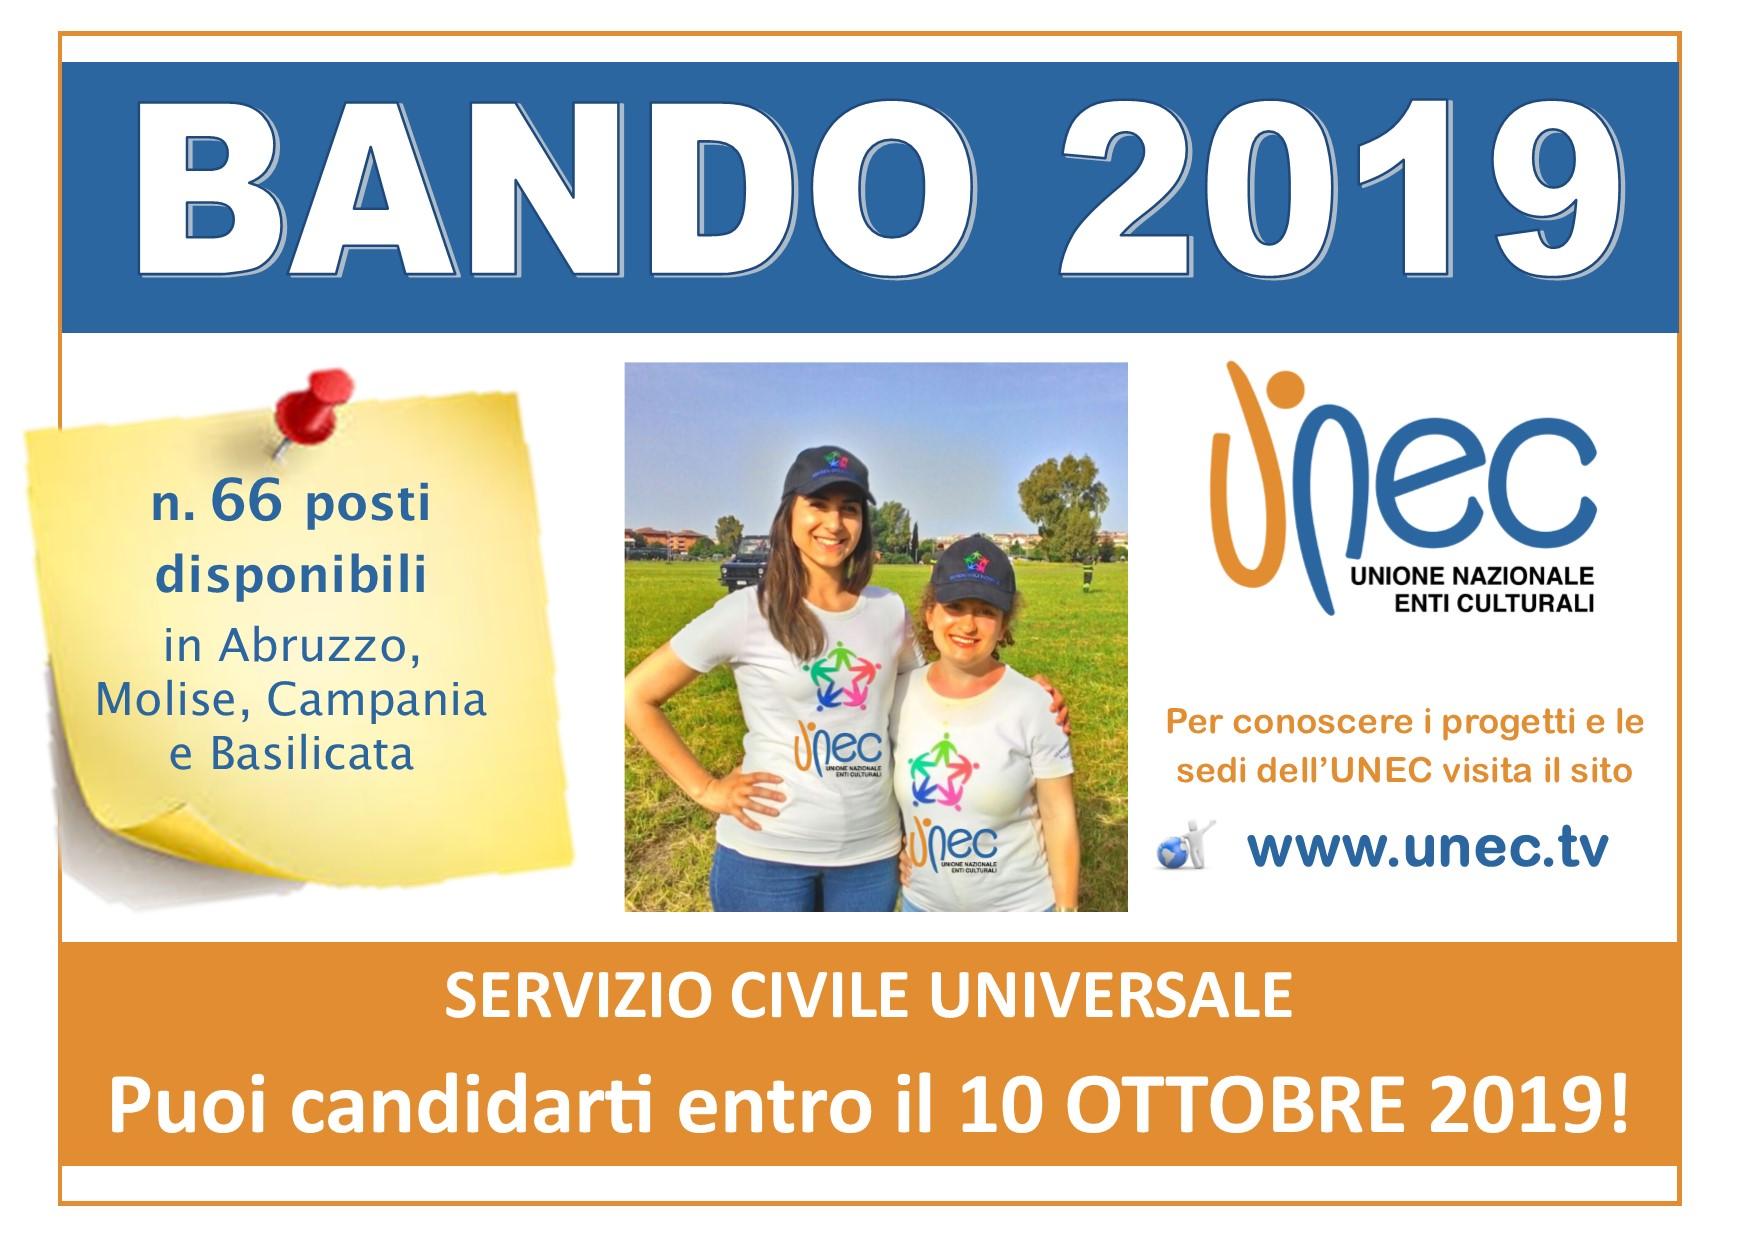 Servizio Civile Universale, sono 66 Posti i disponibili con l'UNEC